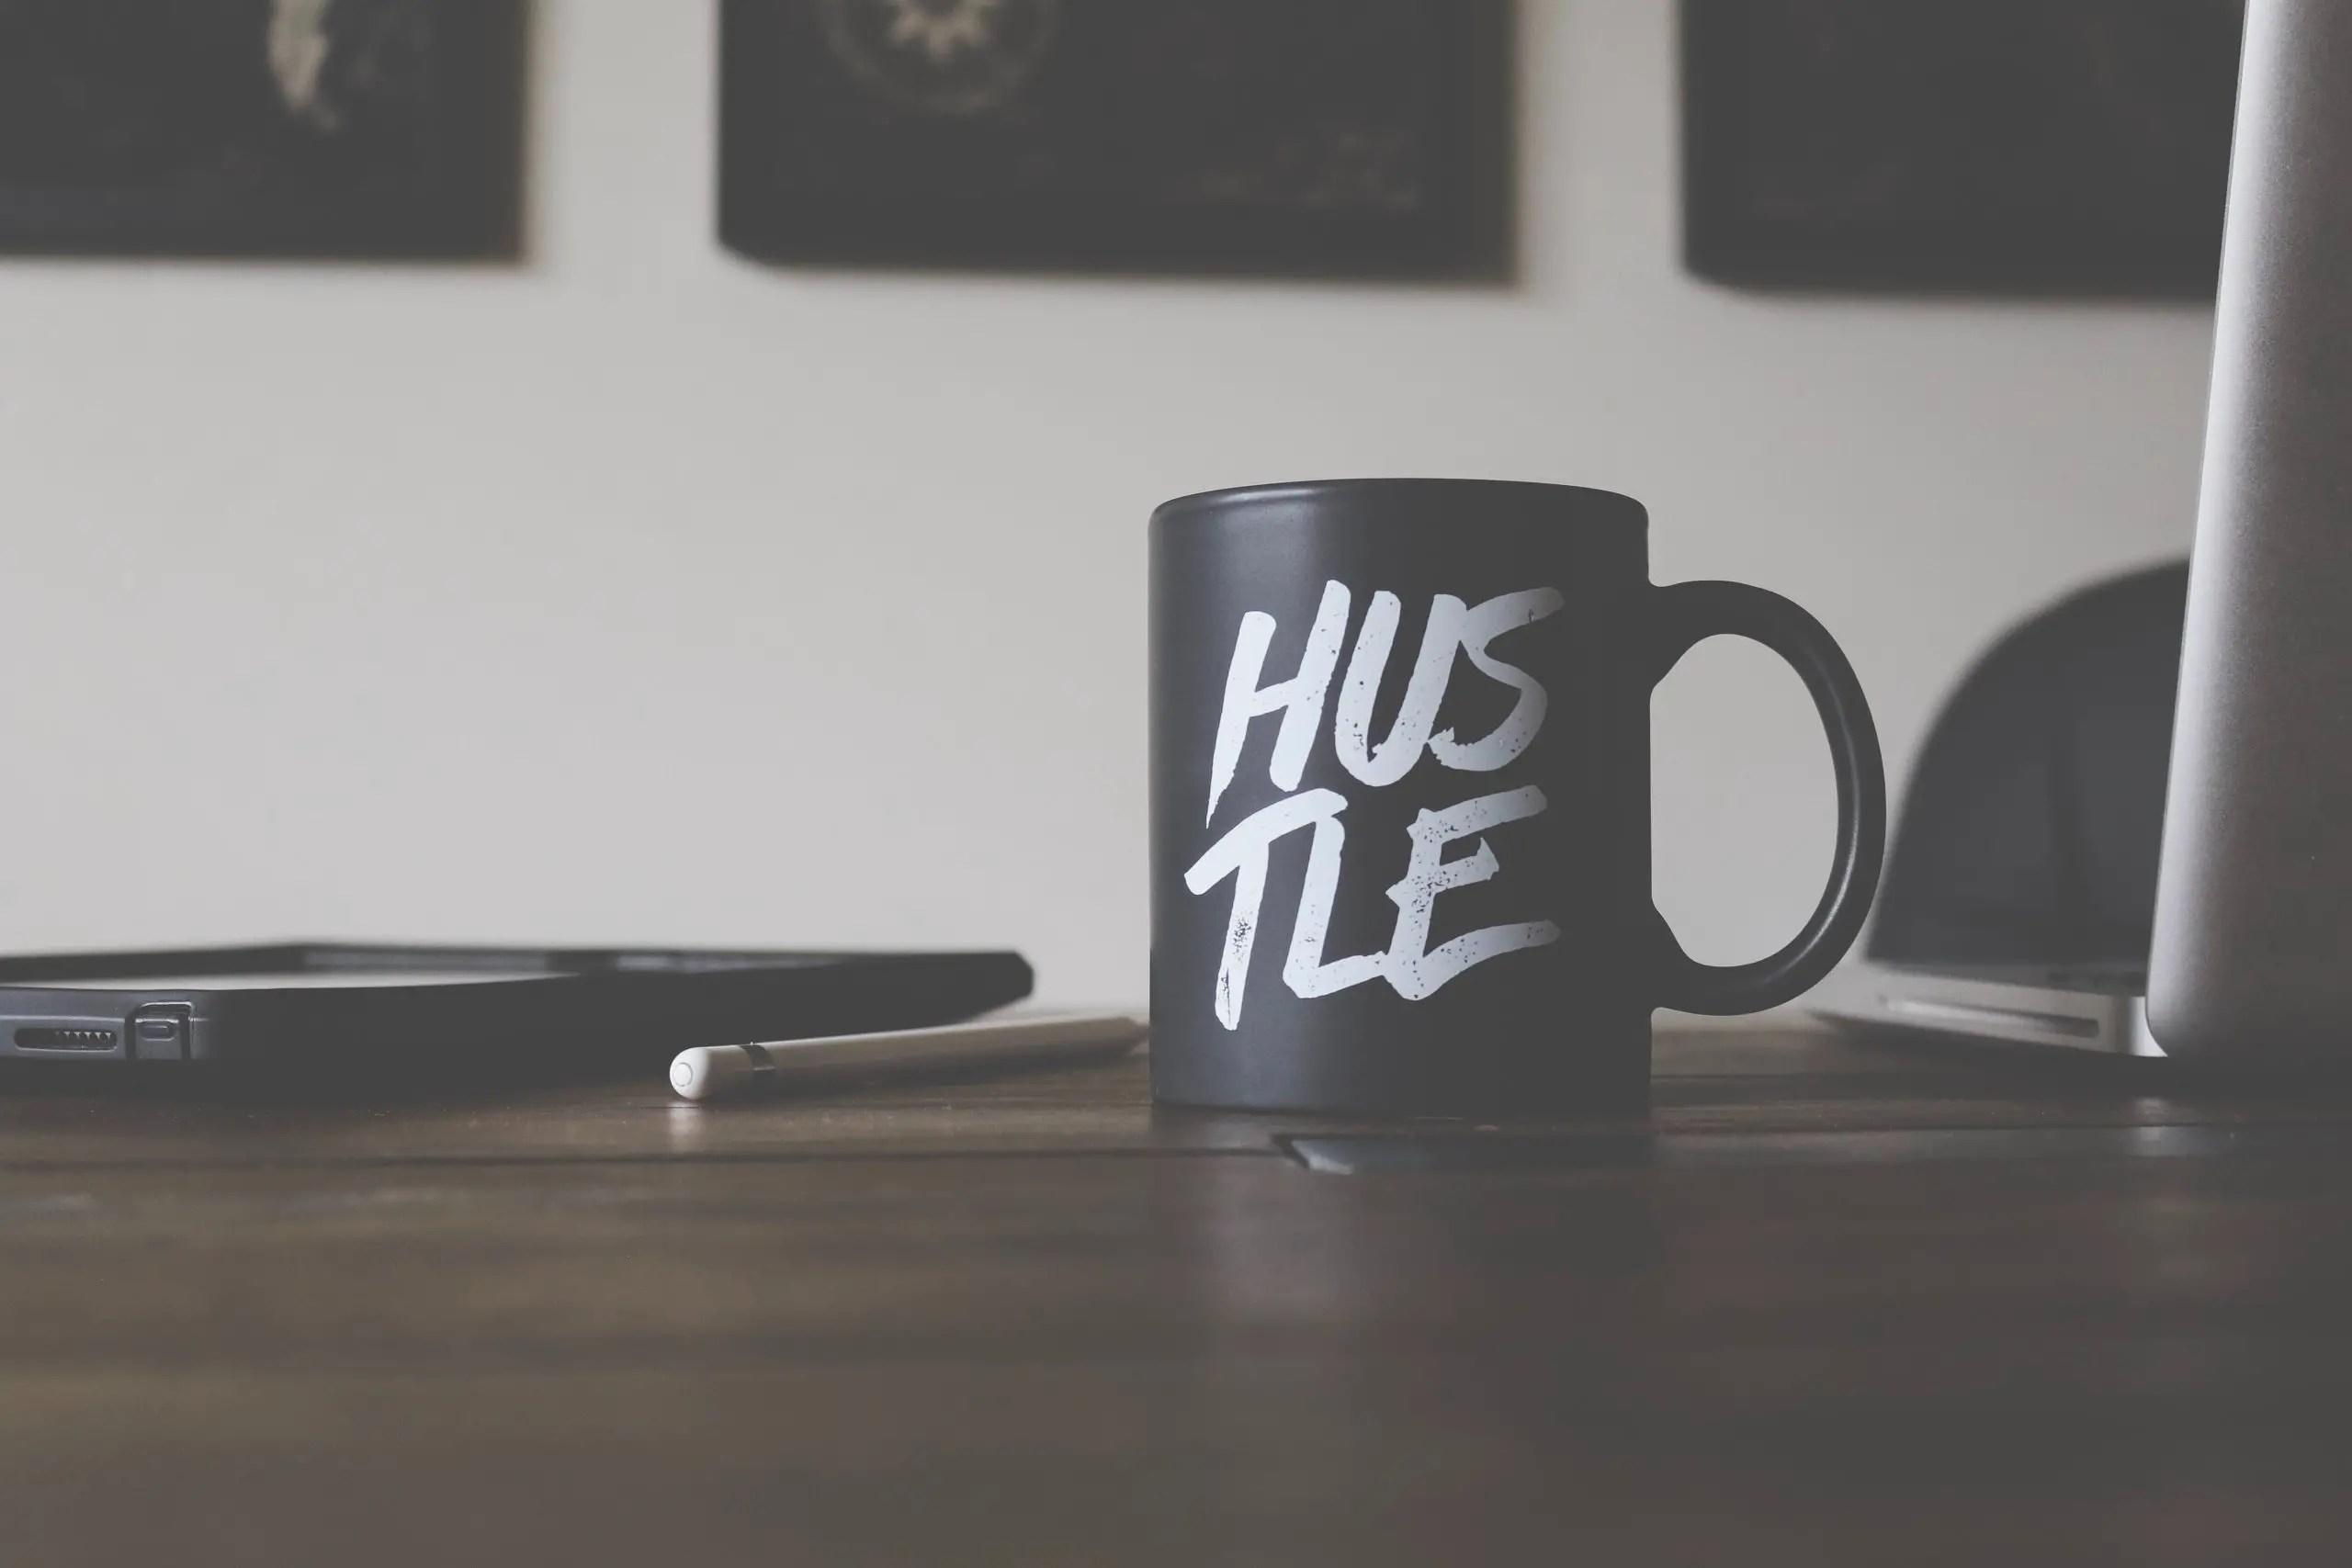 Hustles for developers